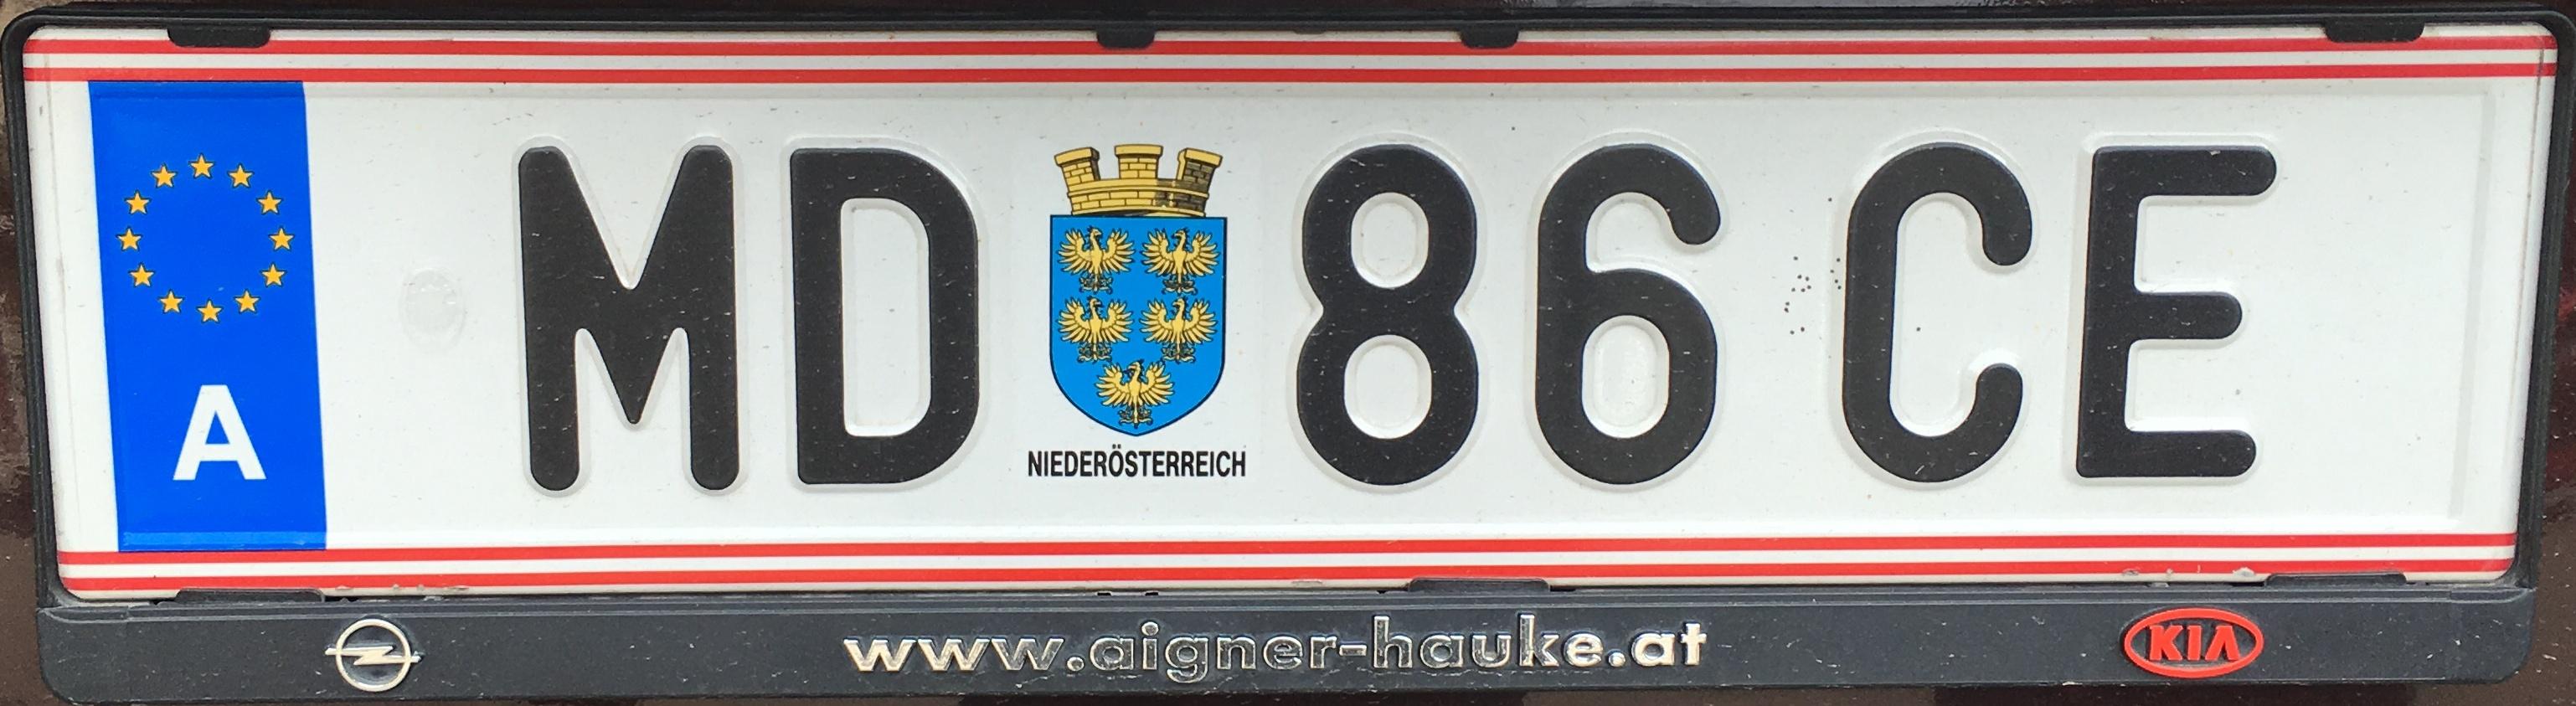 Registrační značka Rakousko - MD - Mödling, foto: vlastní